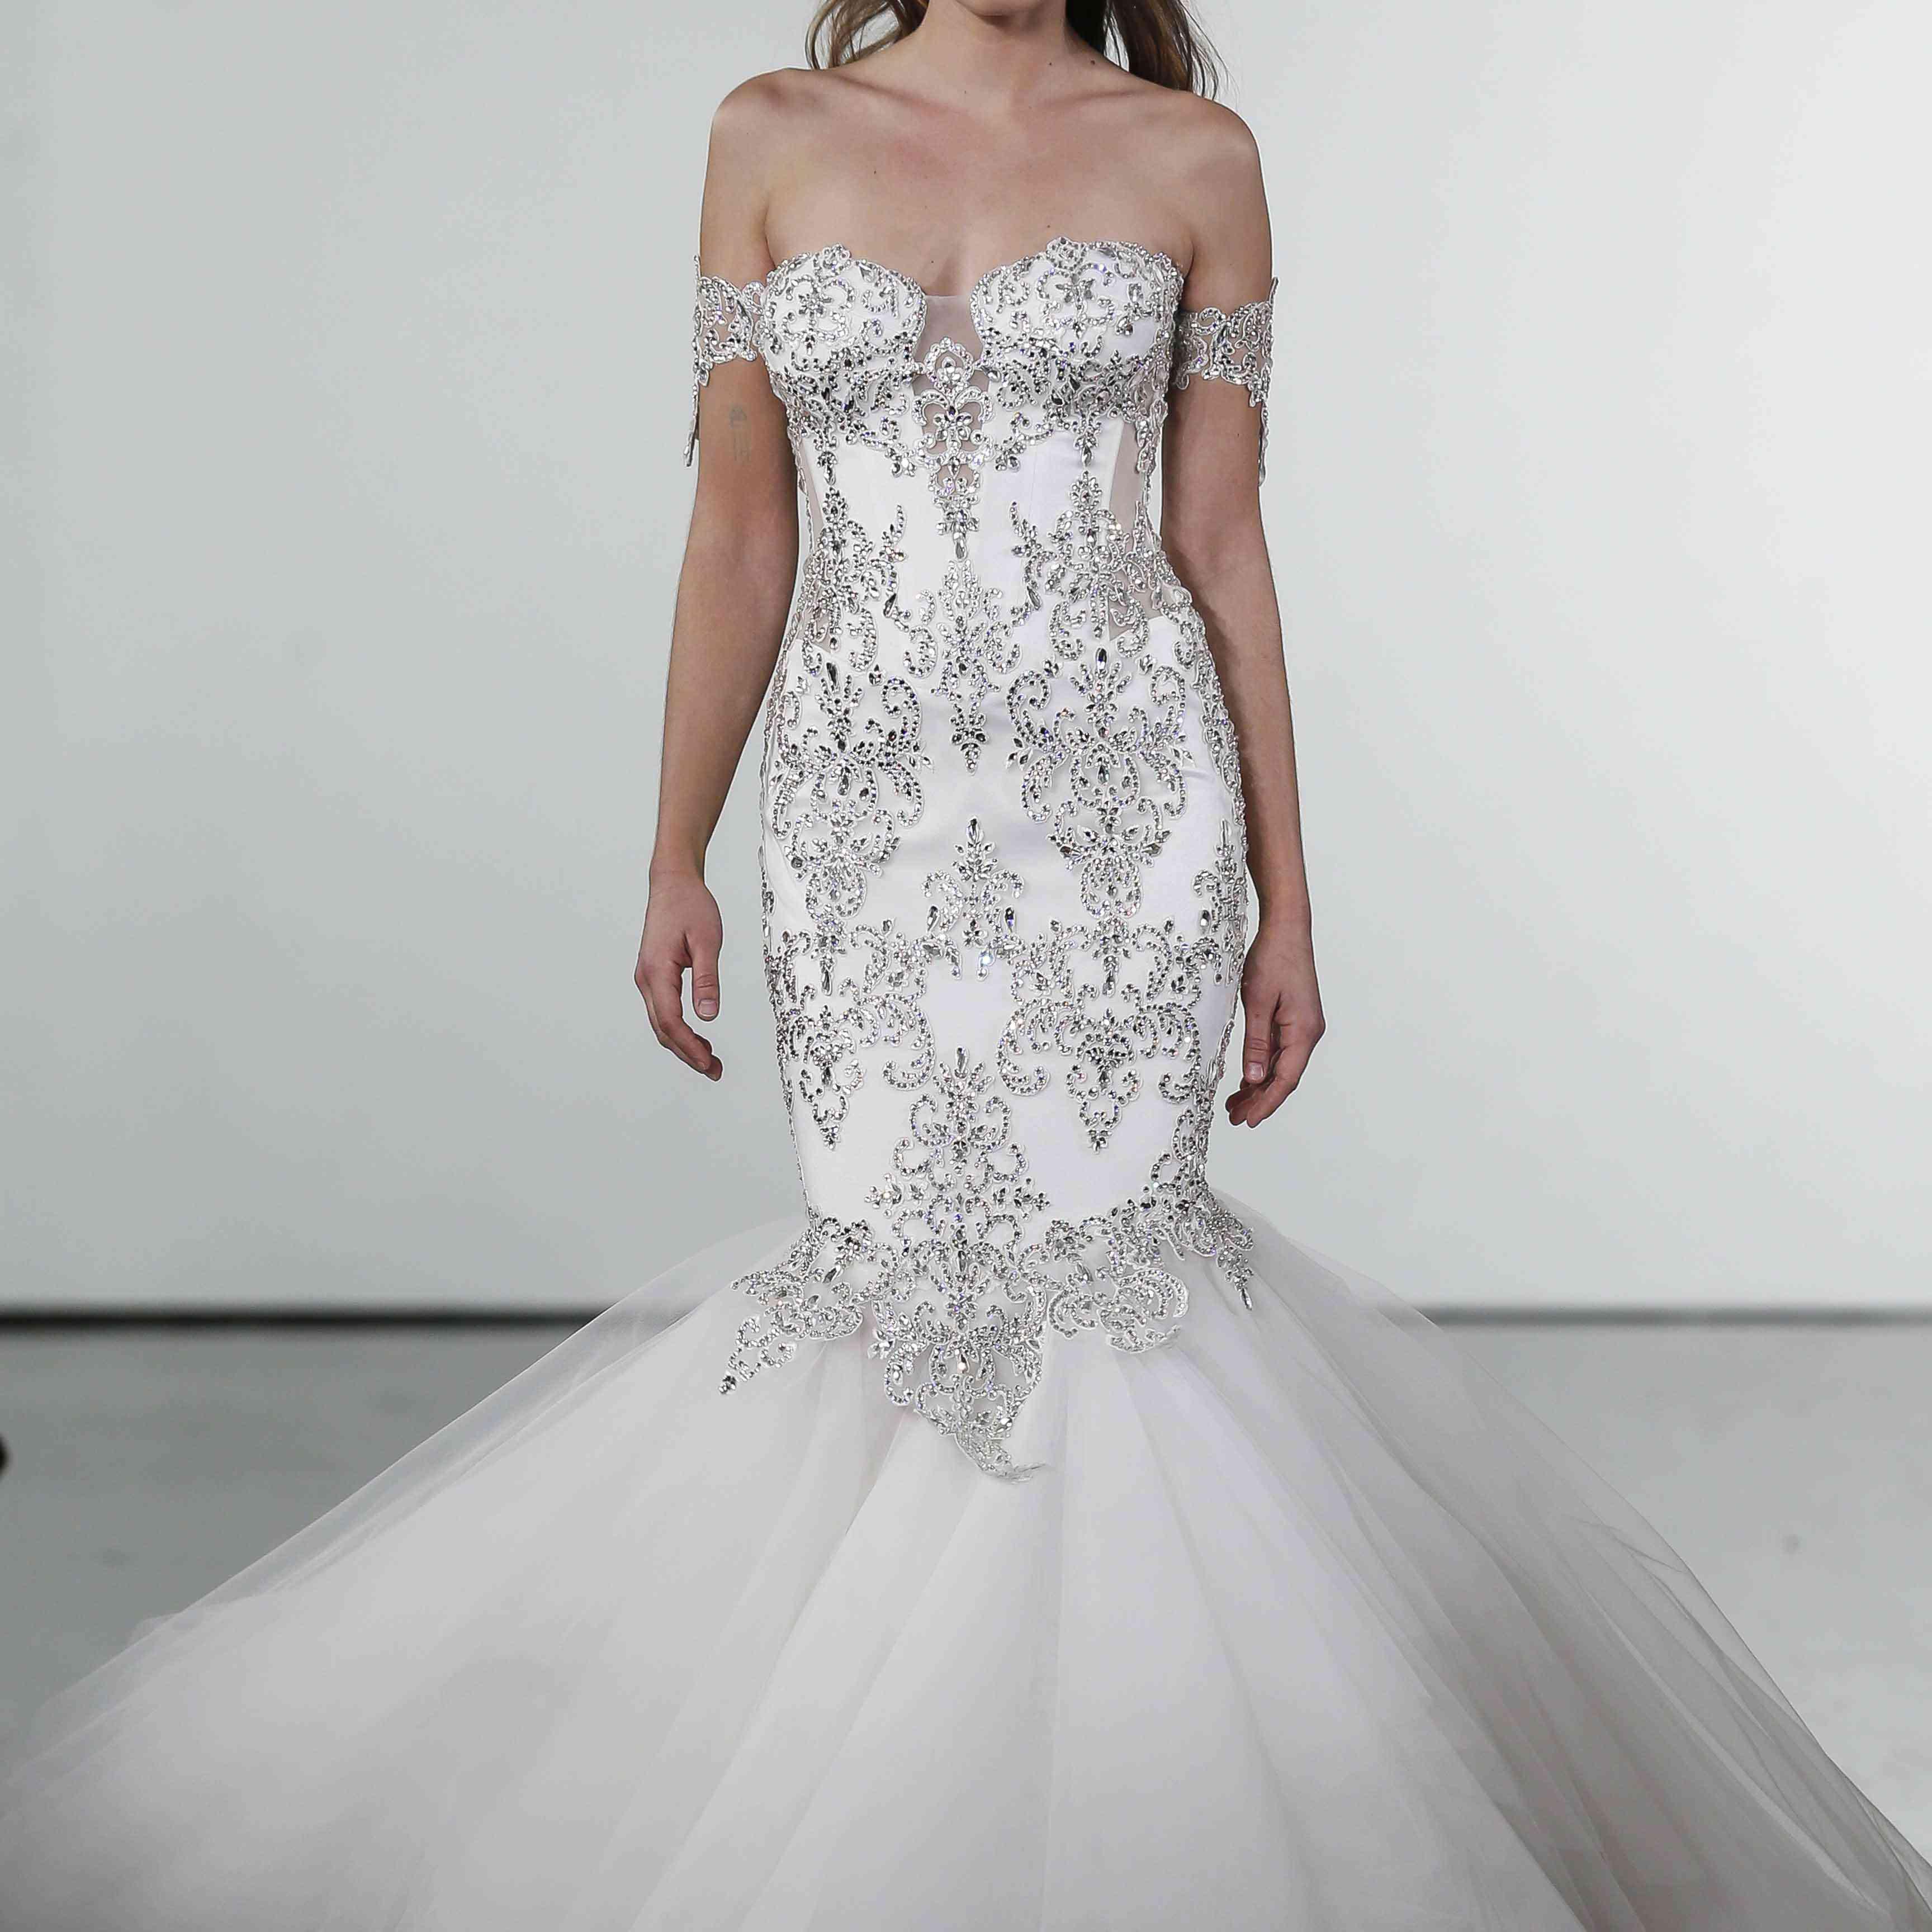 Pnina Tornai Bridal Fall 2019